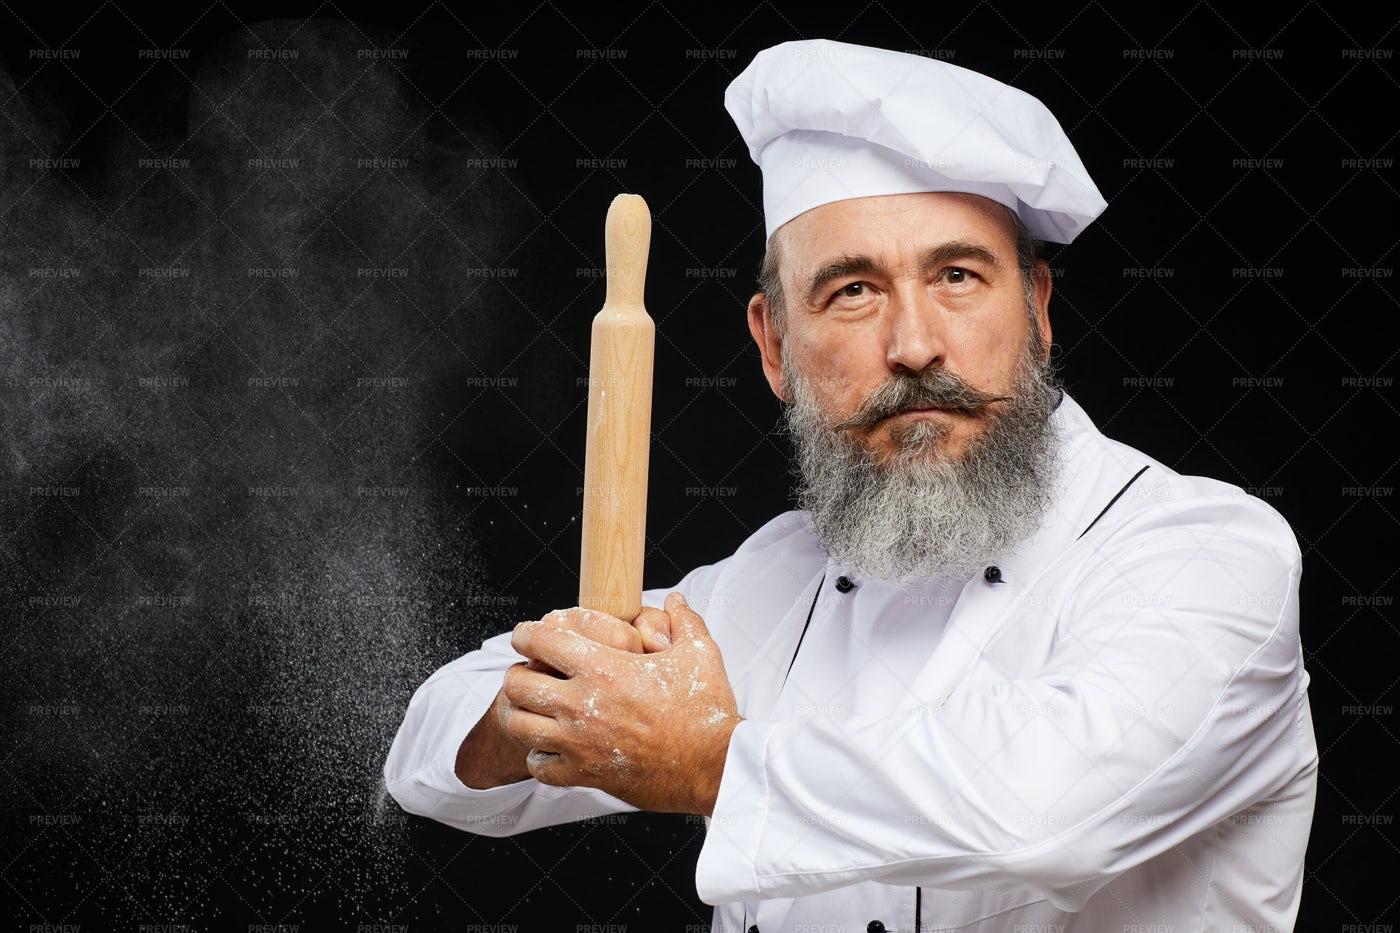 Senior Baker Posing Against Black...: Stock Photos